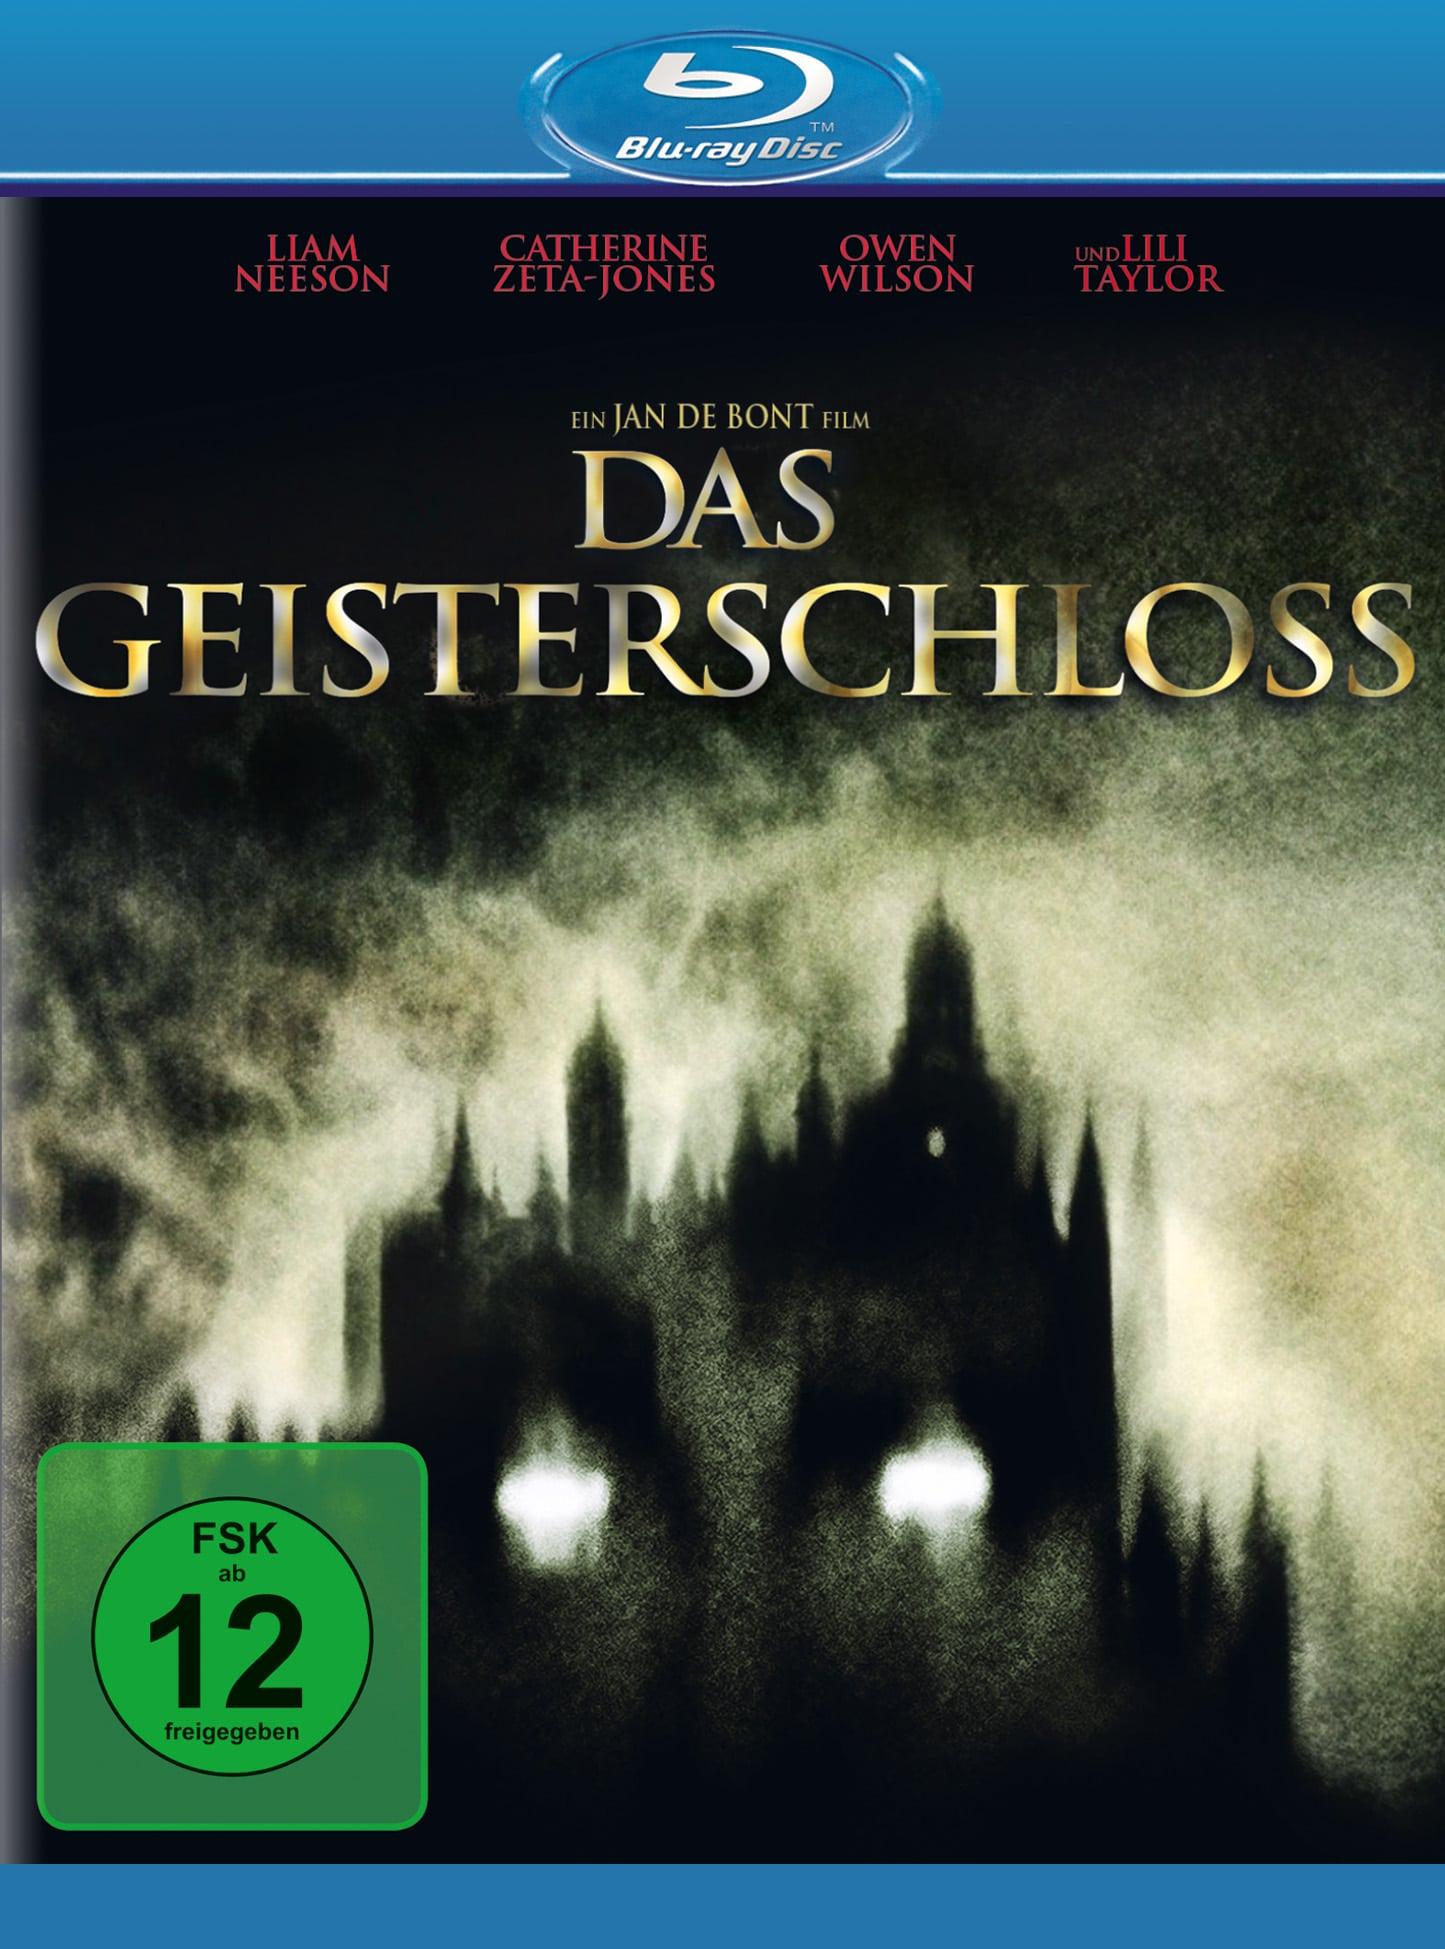 Auf dem Cover von Das Geisterhaus ist ein dunkles Schloss im Nebel zu sehen, dessen schwarze Türme in den Himmel ragen und auf das ein Gesicht mit leuchtenden Augen projiziert ist.